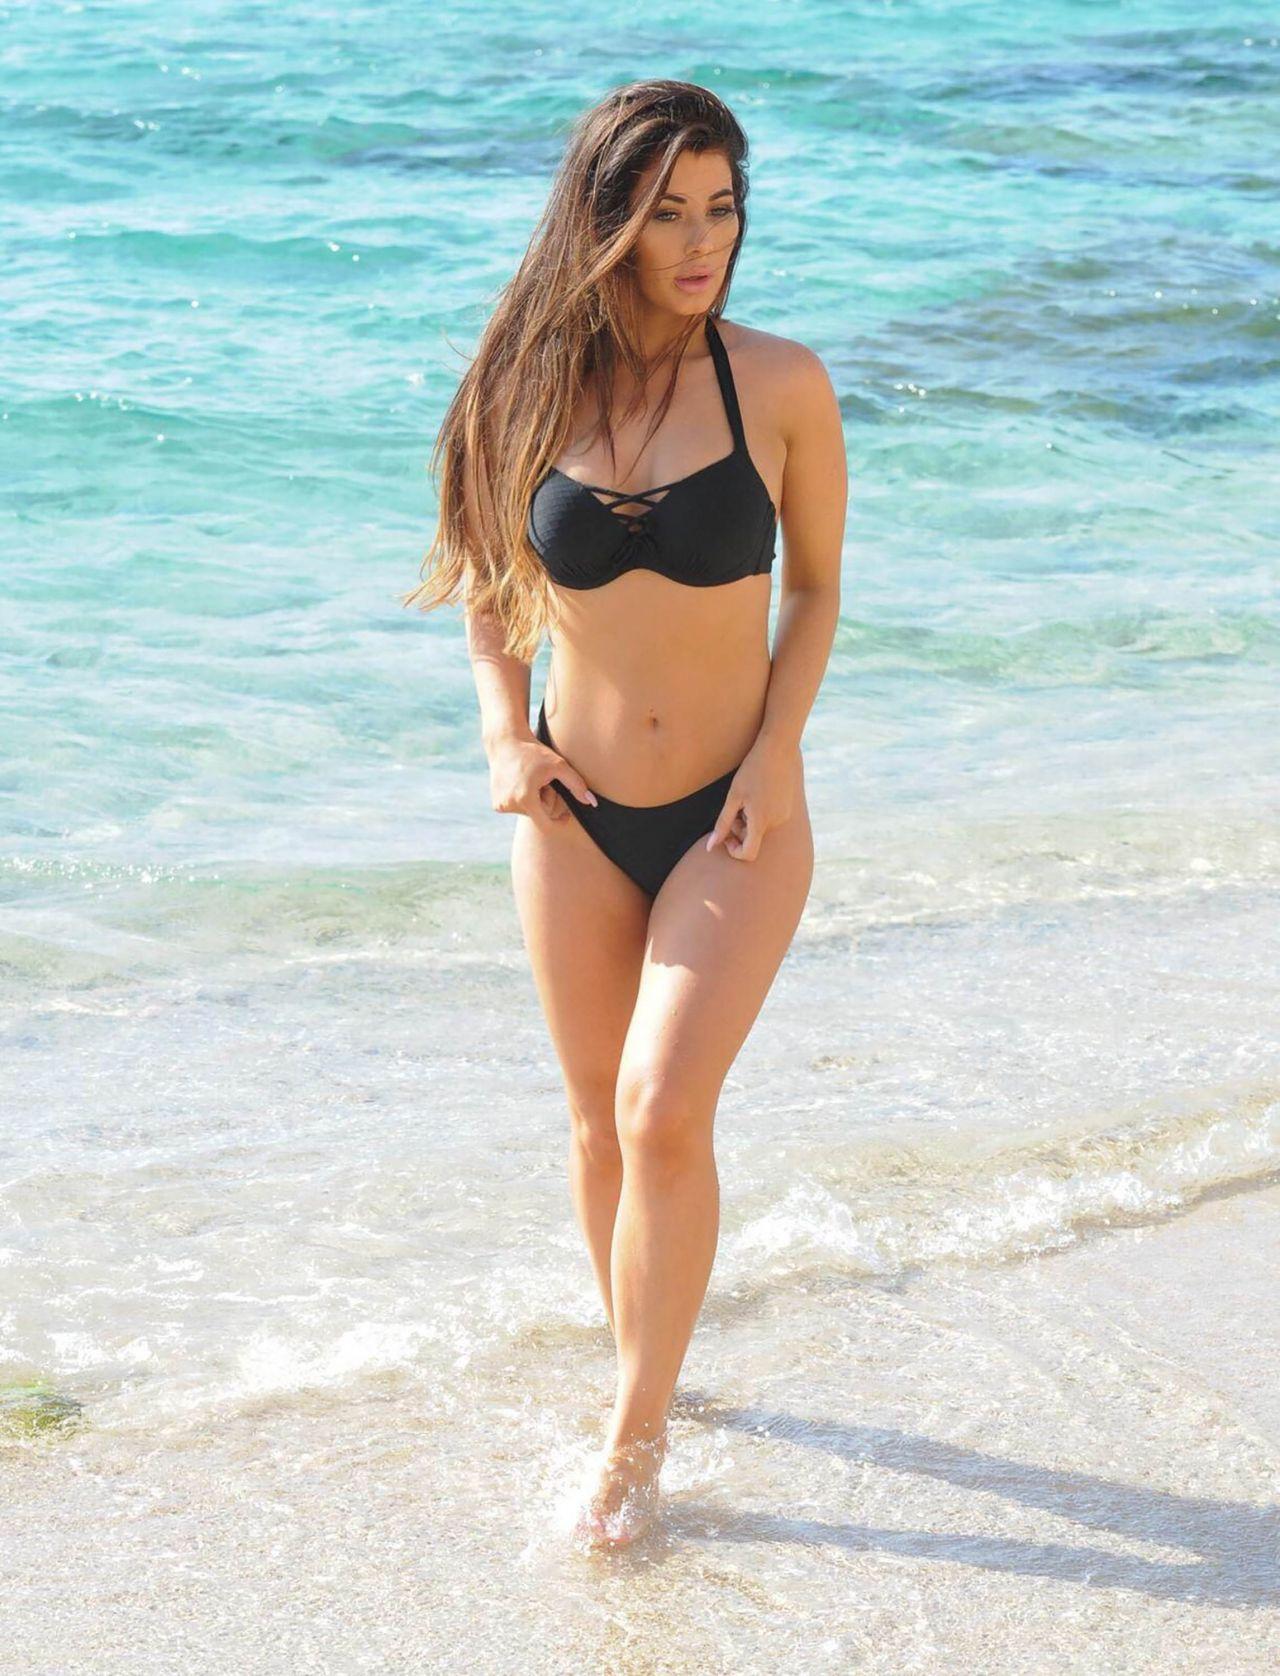 Bikini Jessica Hayes nudes (86 photo), Tits, Cleavage, Selfie, in bikini 2006